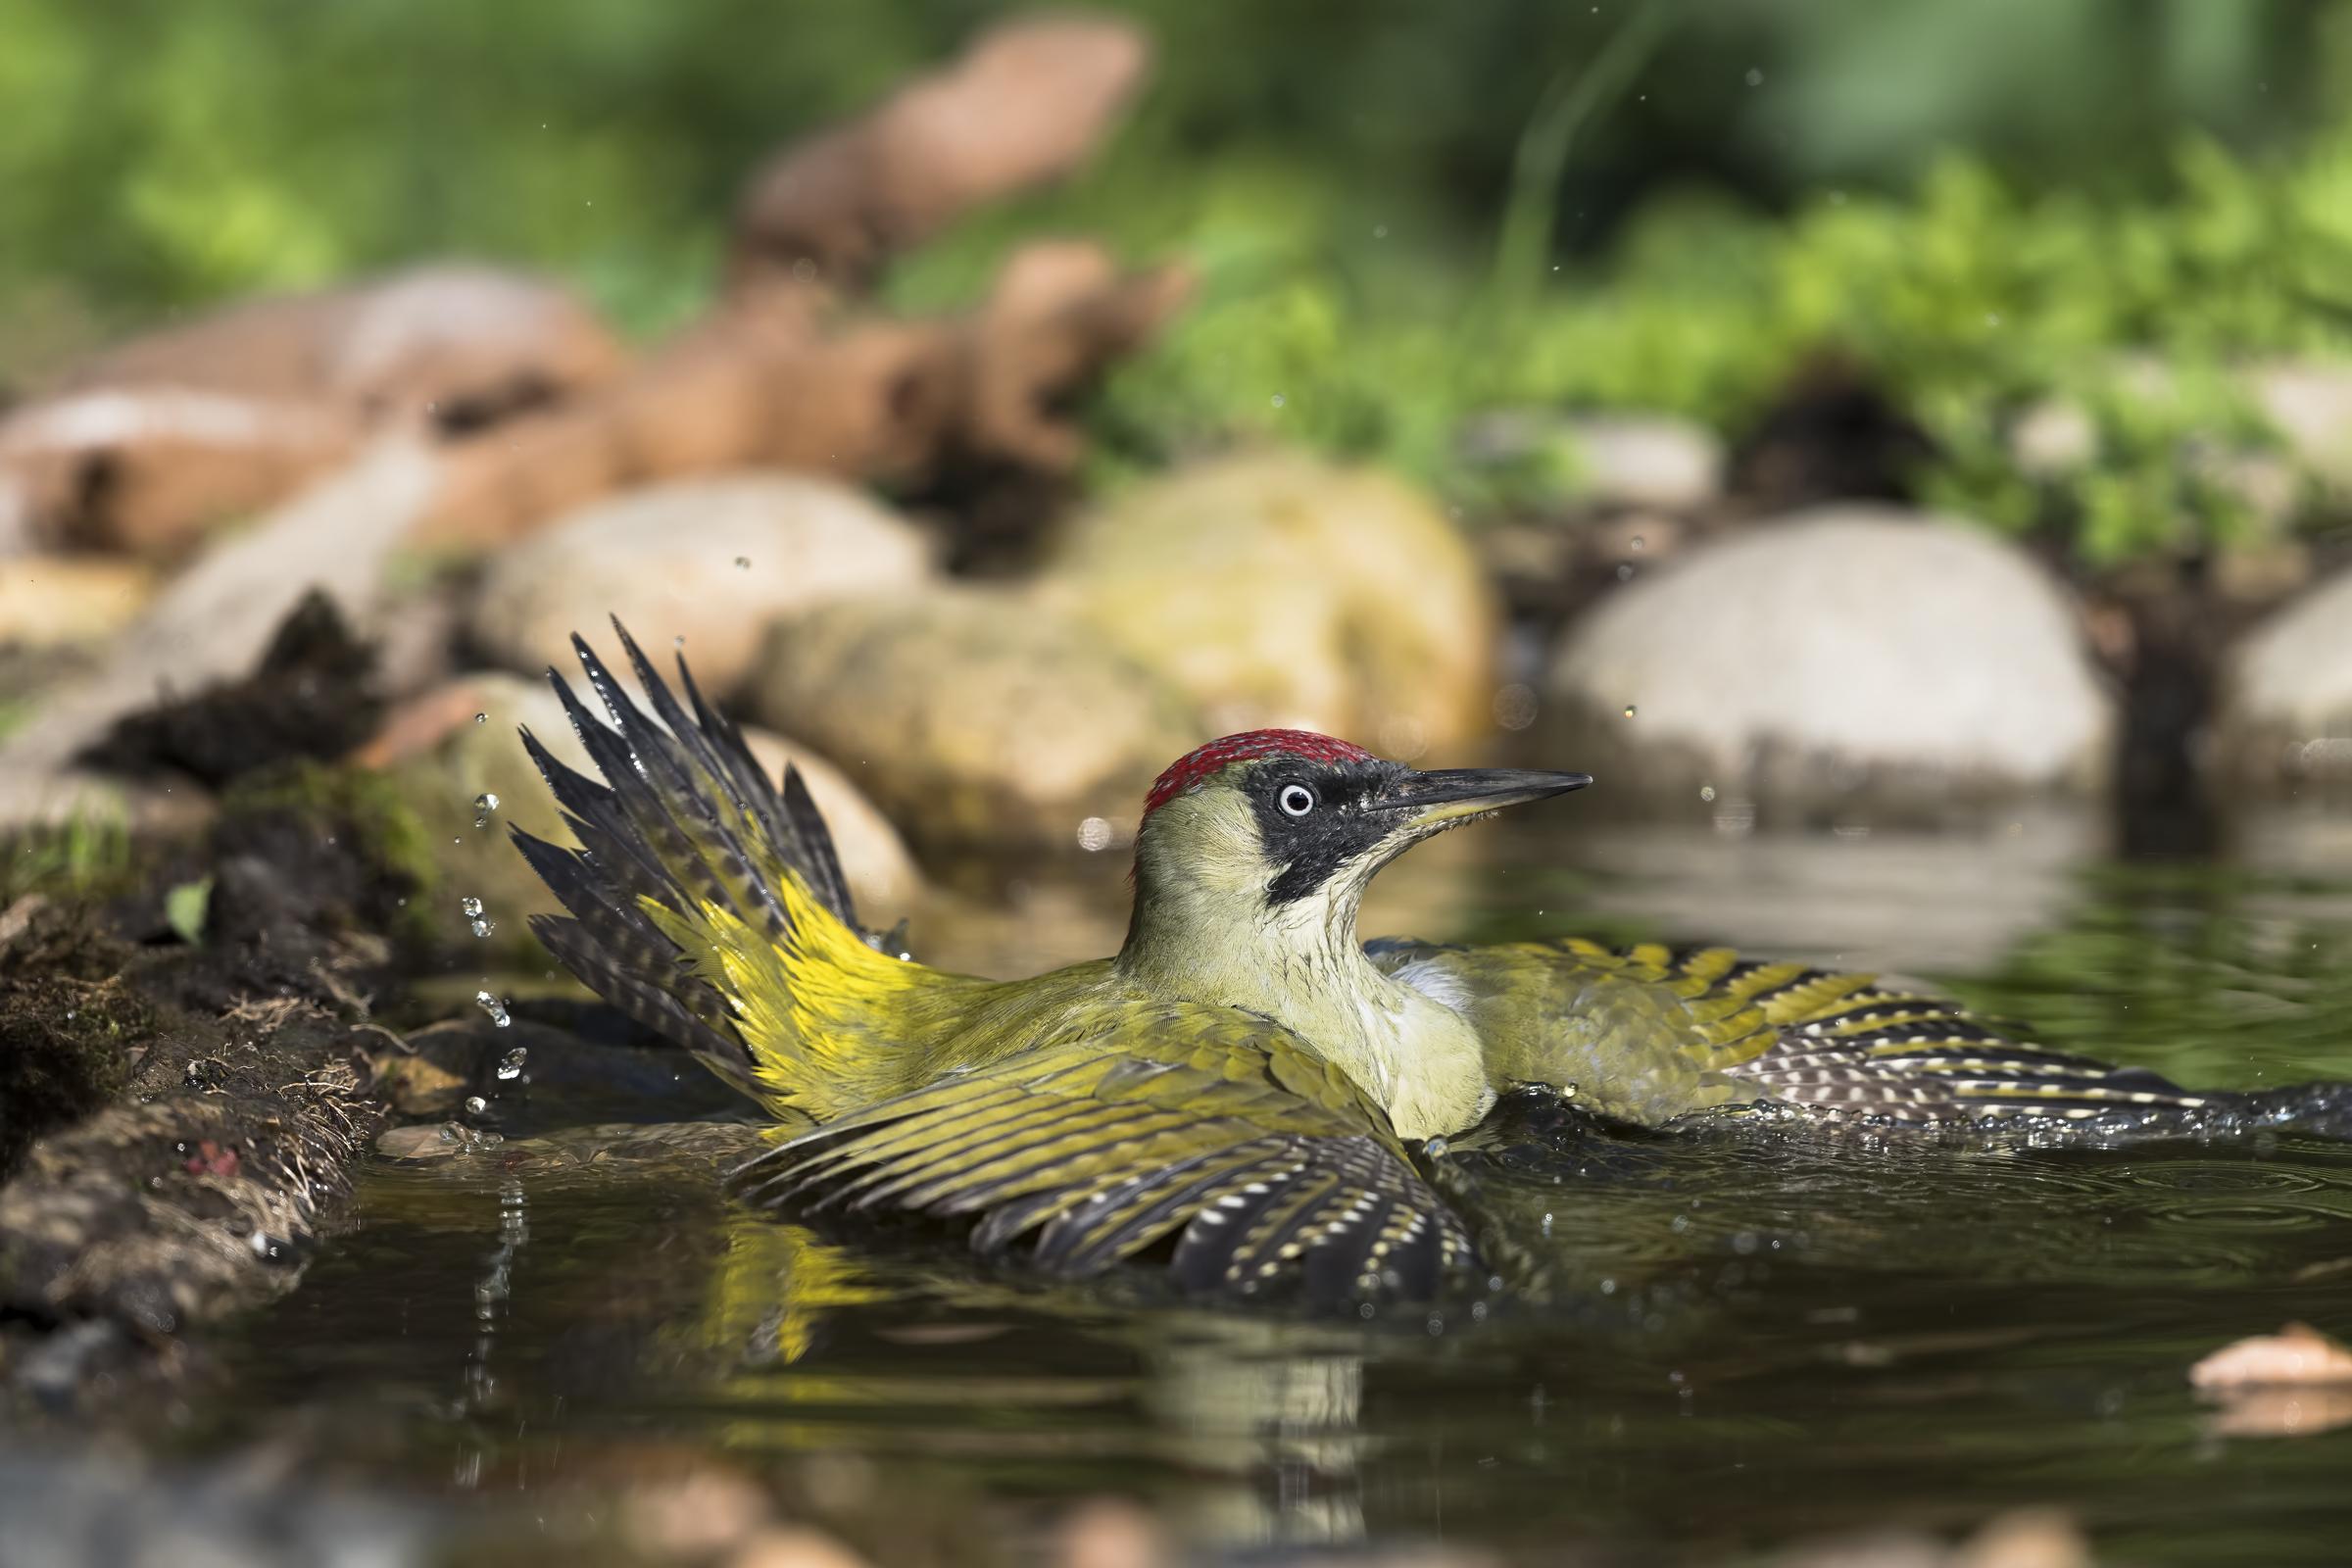 Green woodpecker in the bath...